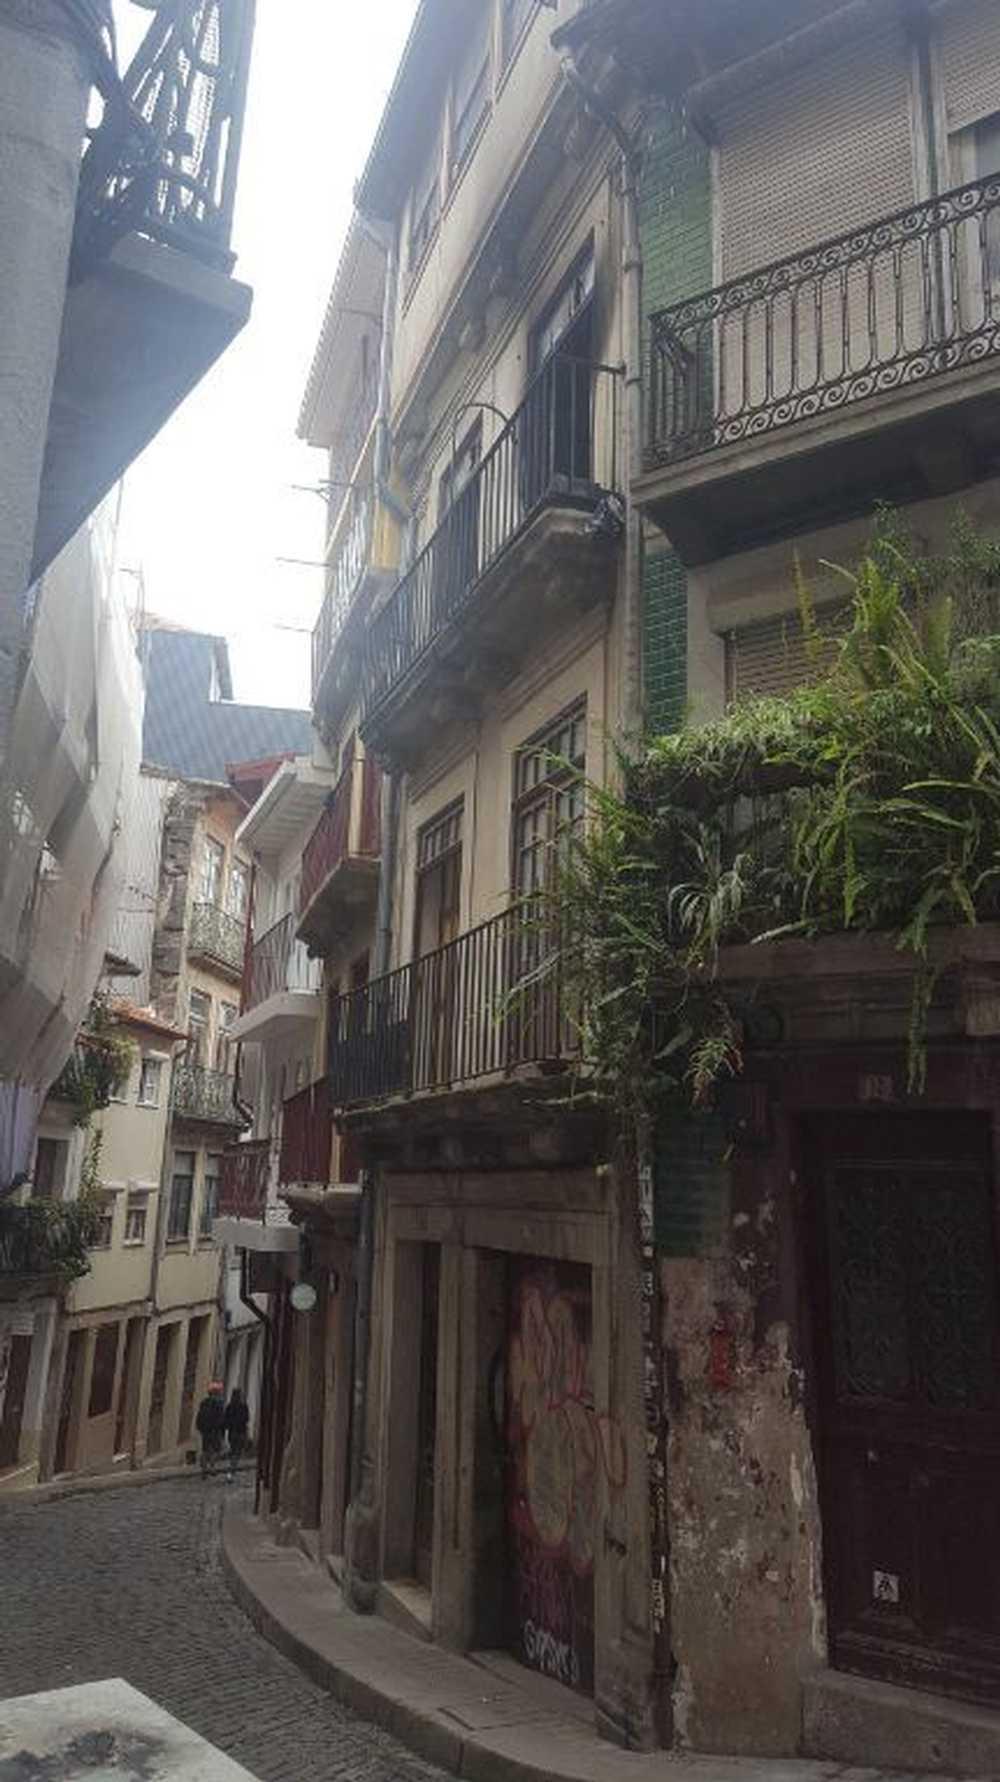 Borba de Godim Felgueiras appartement photo 97632